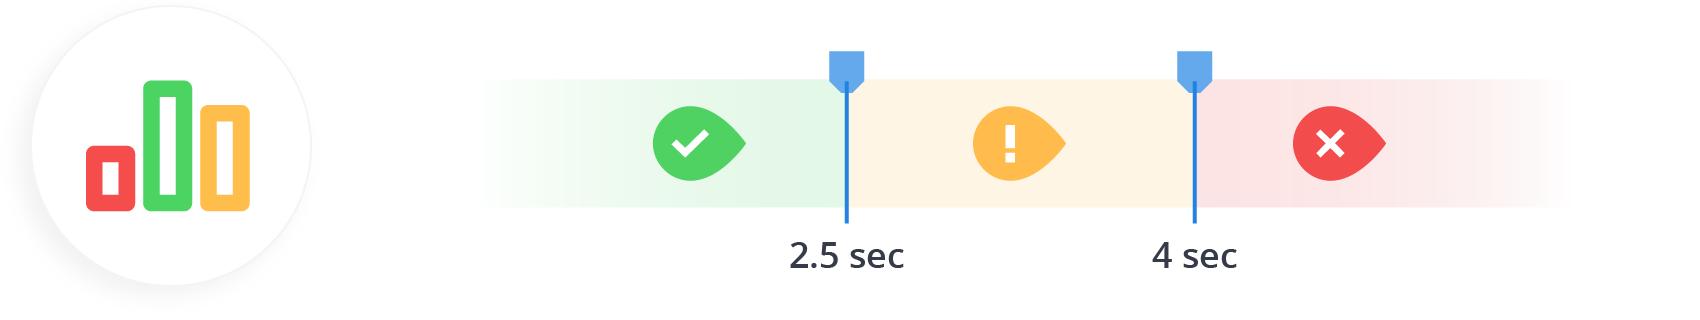 Core Web Vitals 3 Metrics